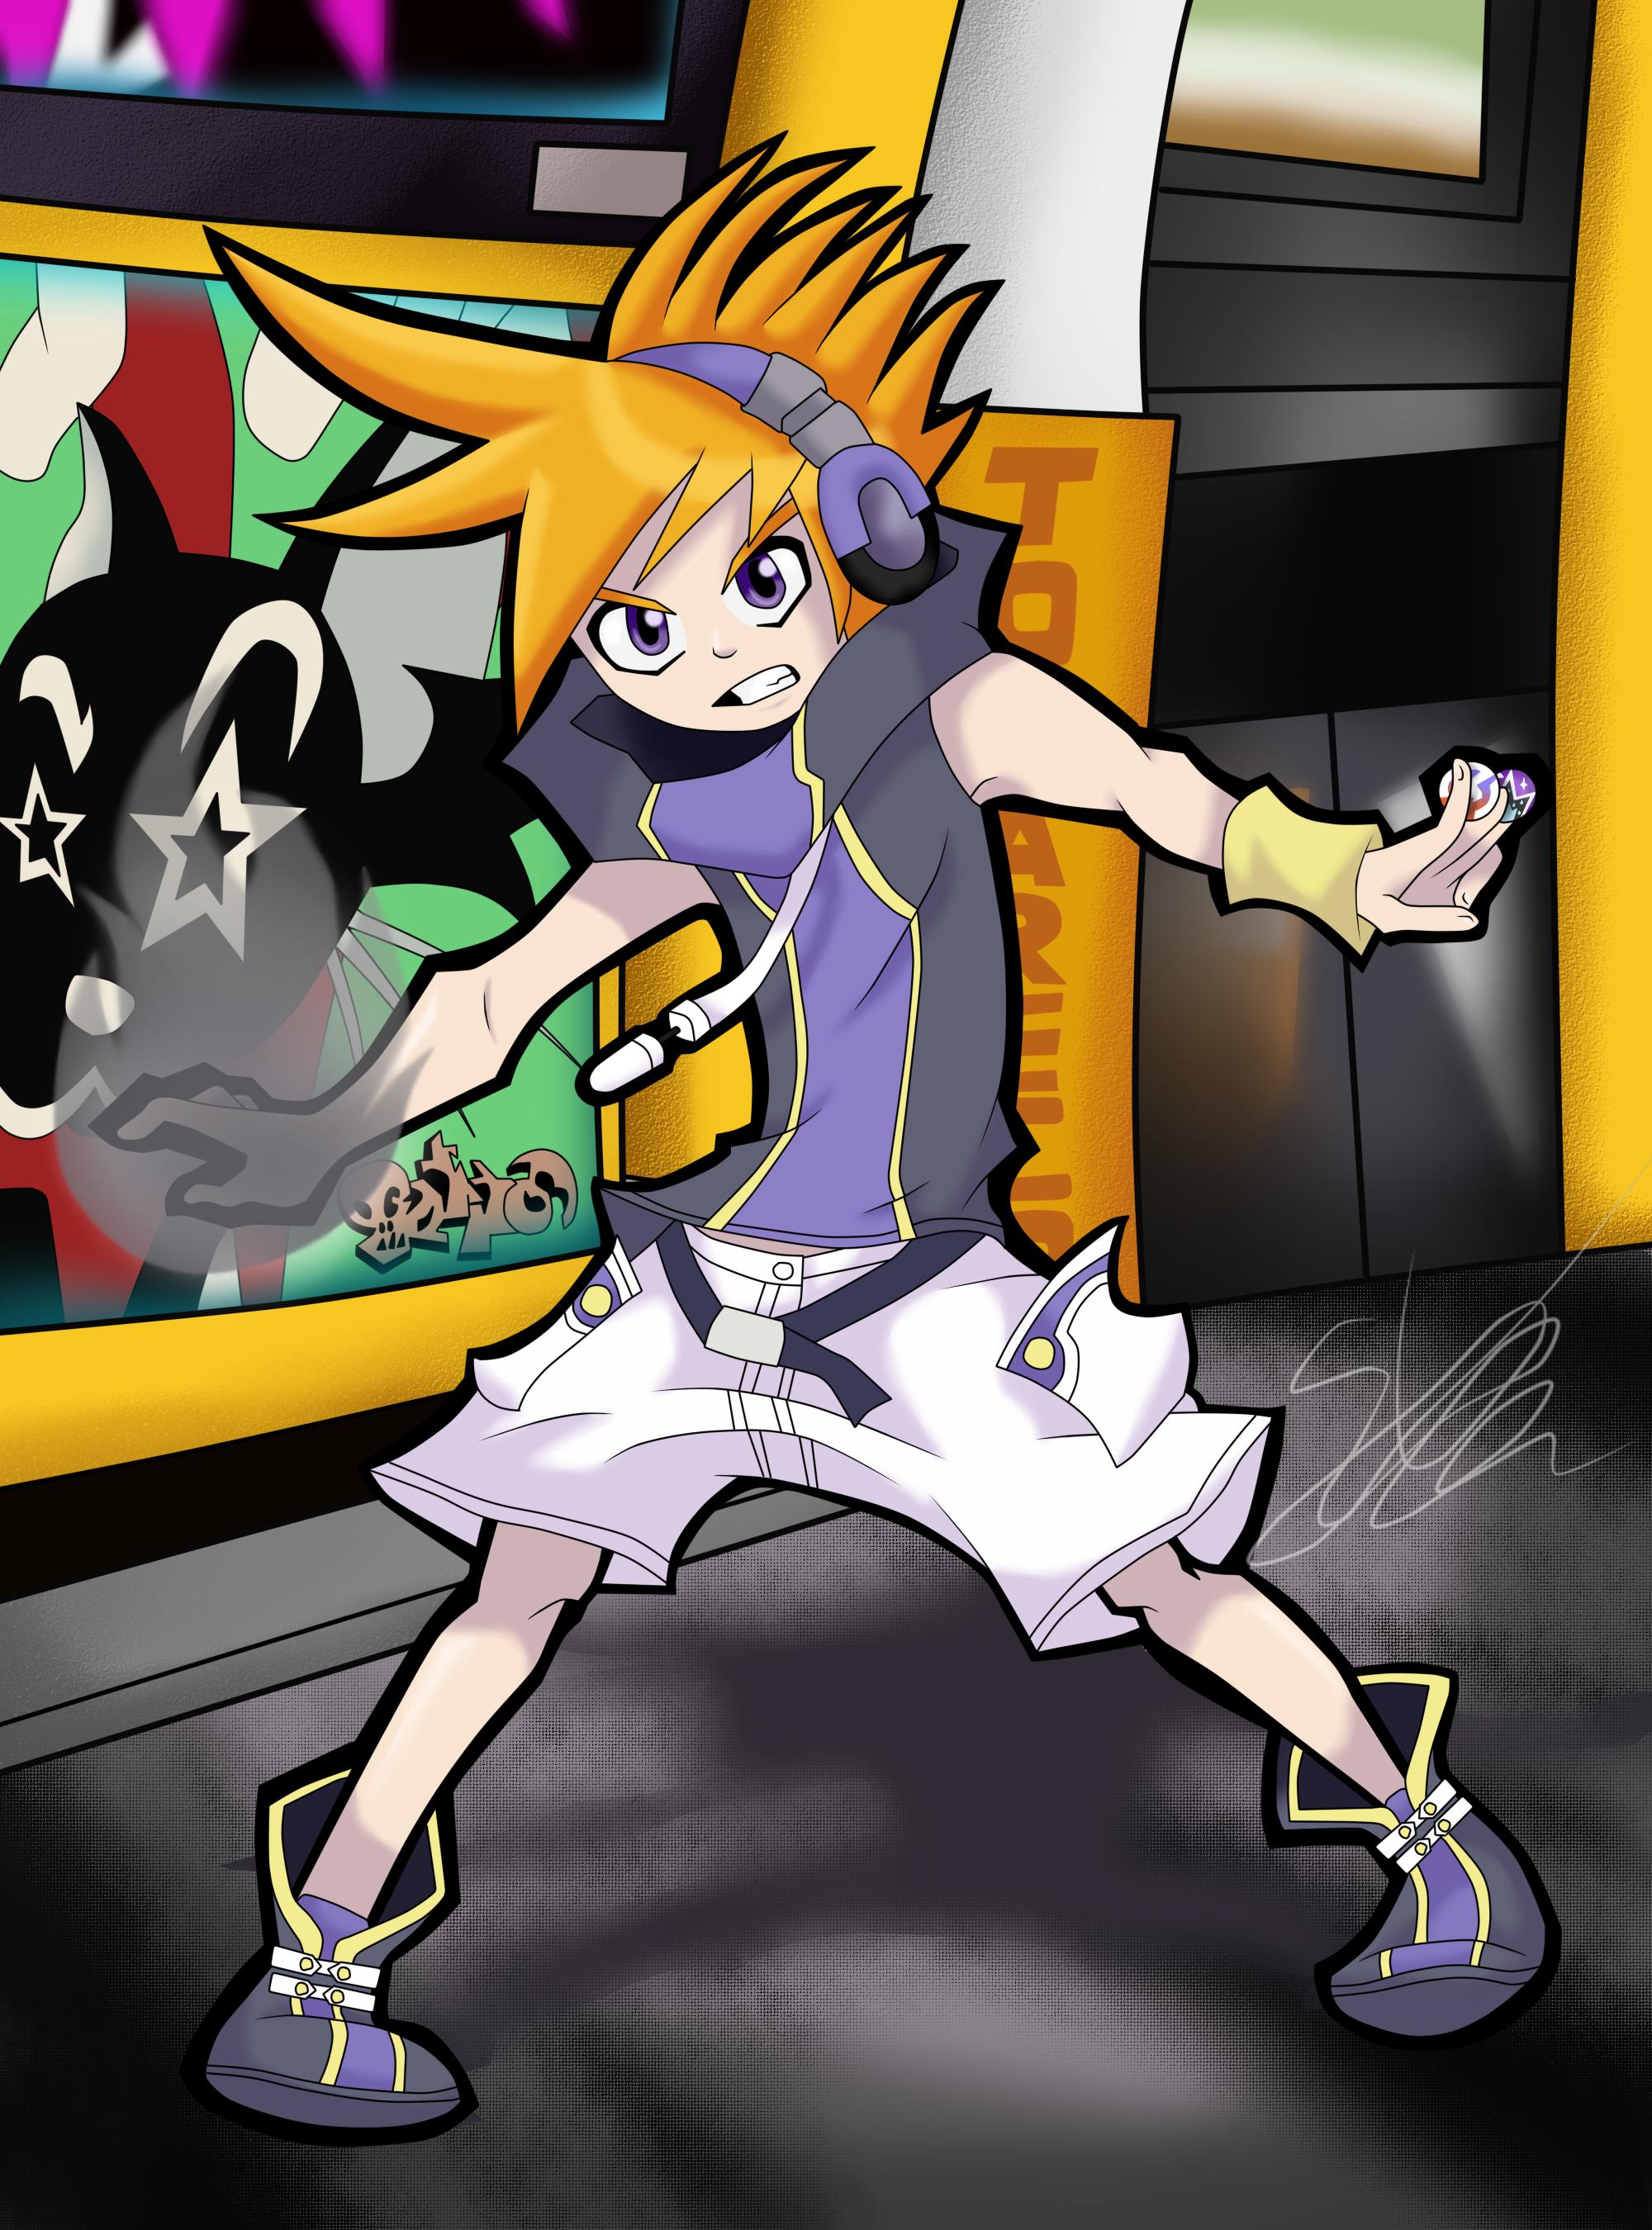 [GAME ART] Neku Sakuraba TheWorldEndWithYou by Seb-LK-585